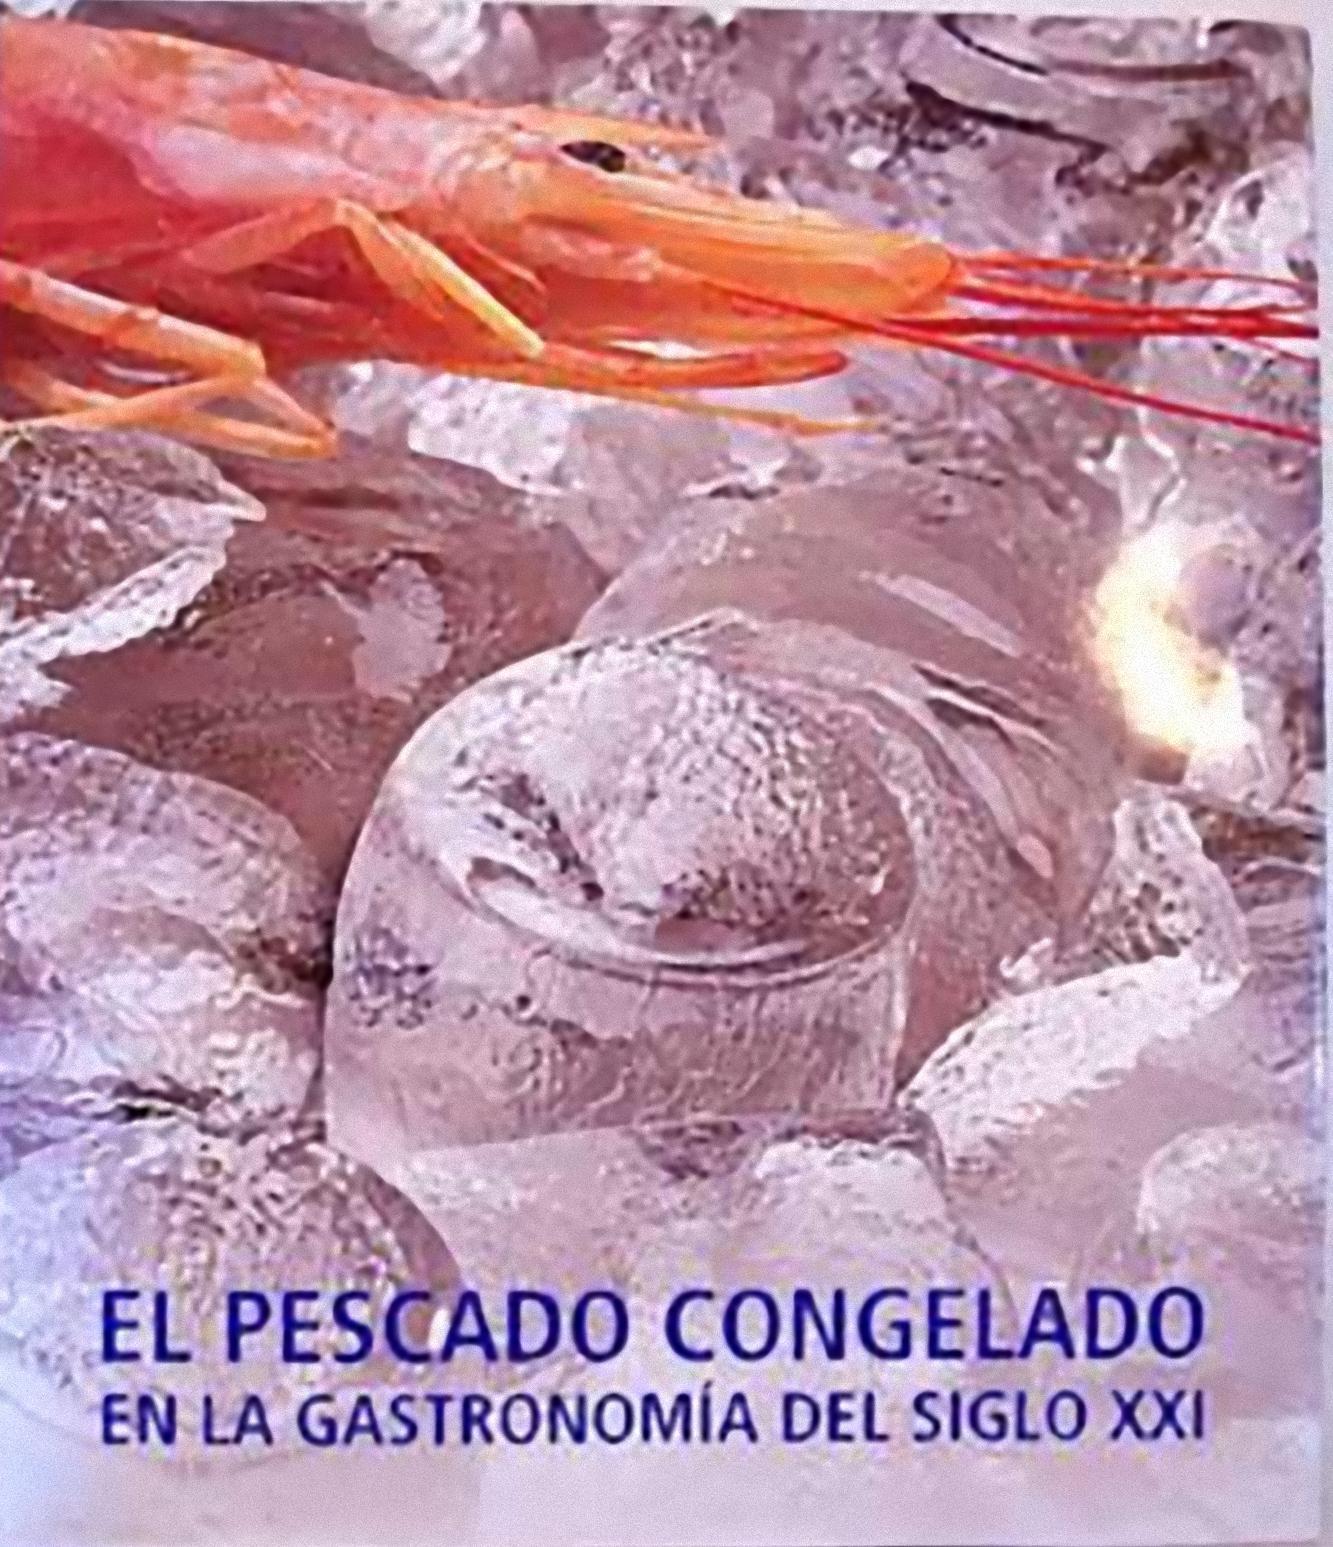 El pescado congelado en la gastronomía del siglo XXI